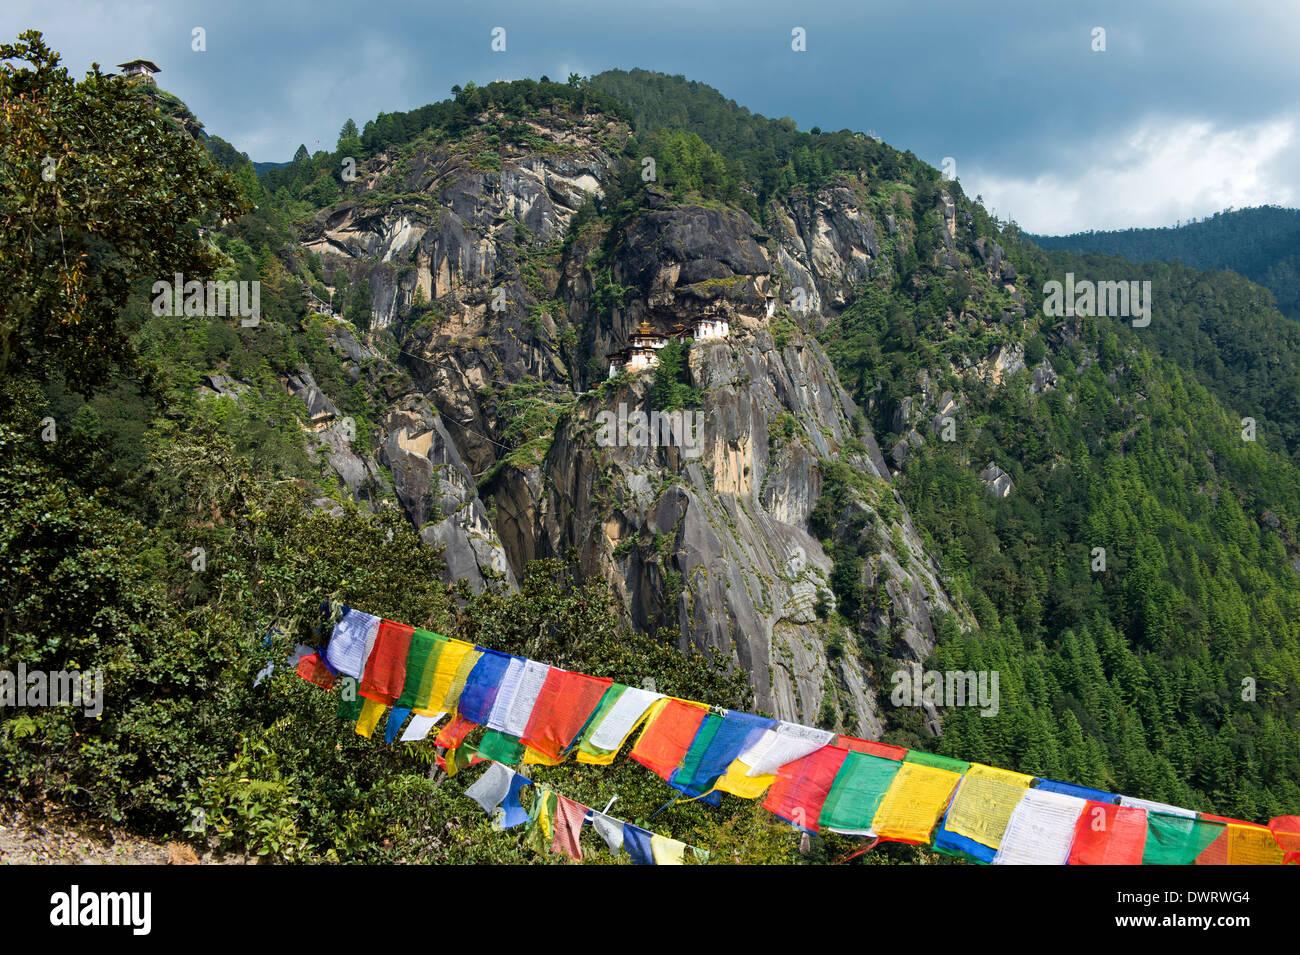 Cliff con el Tiger's Nest Monasterio, Monasterio de Taktsang Palphug Taktsang, Paro, Bhután Foto de stock